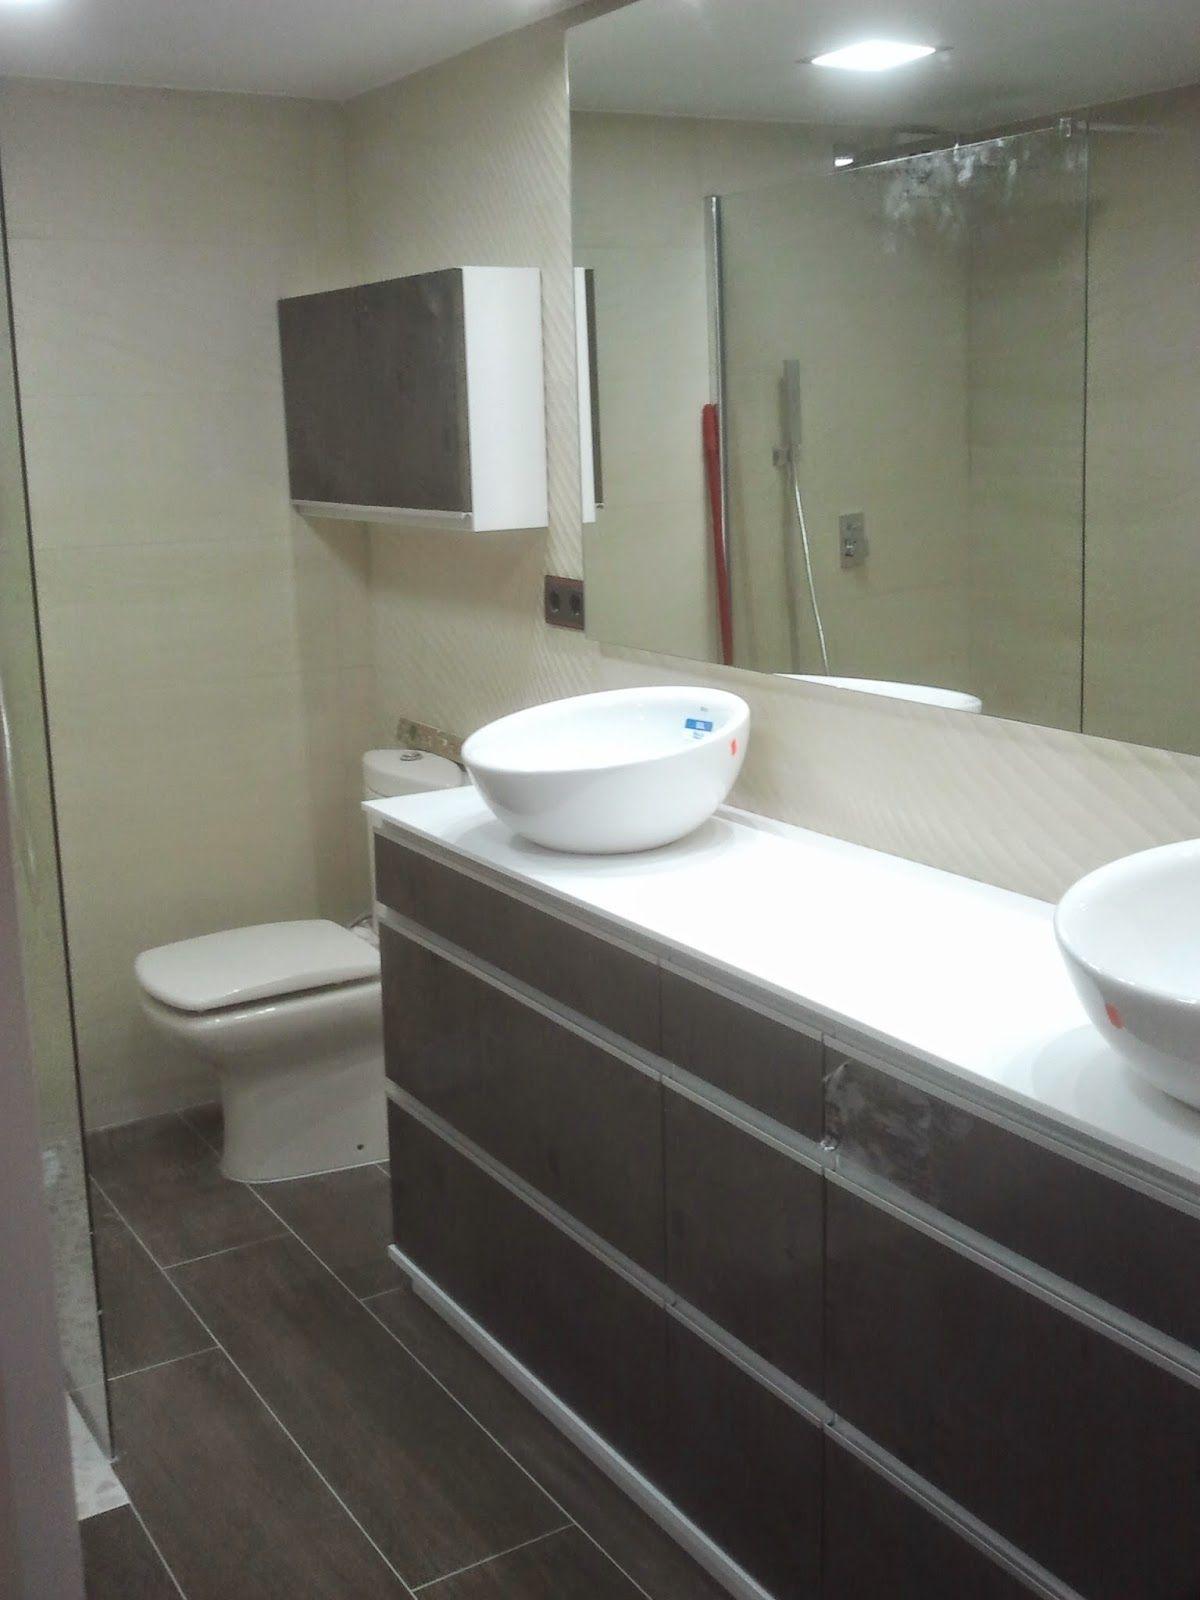 Instalamos en casa de un cliente mueble de ba o color wengue con gavetas y tapa de encimera en - Espejos para lavabos ...